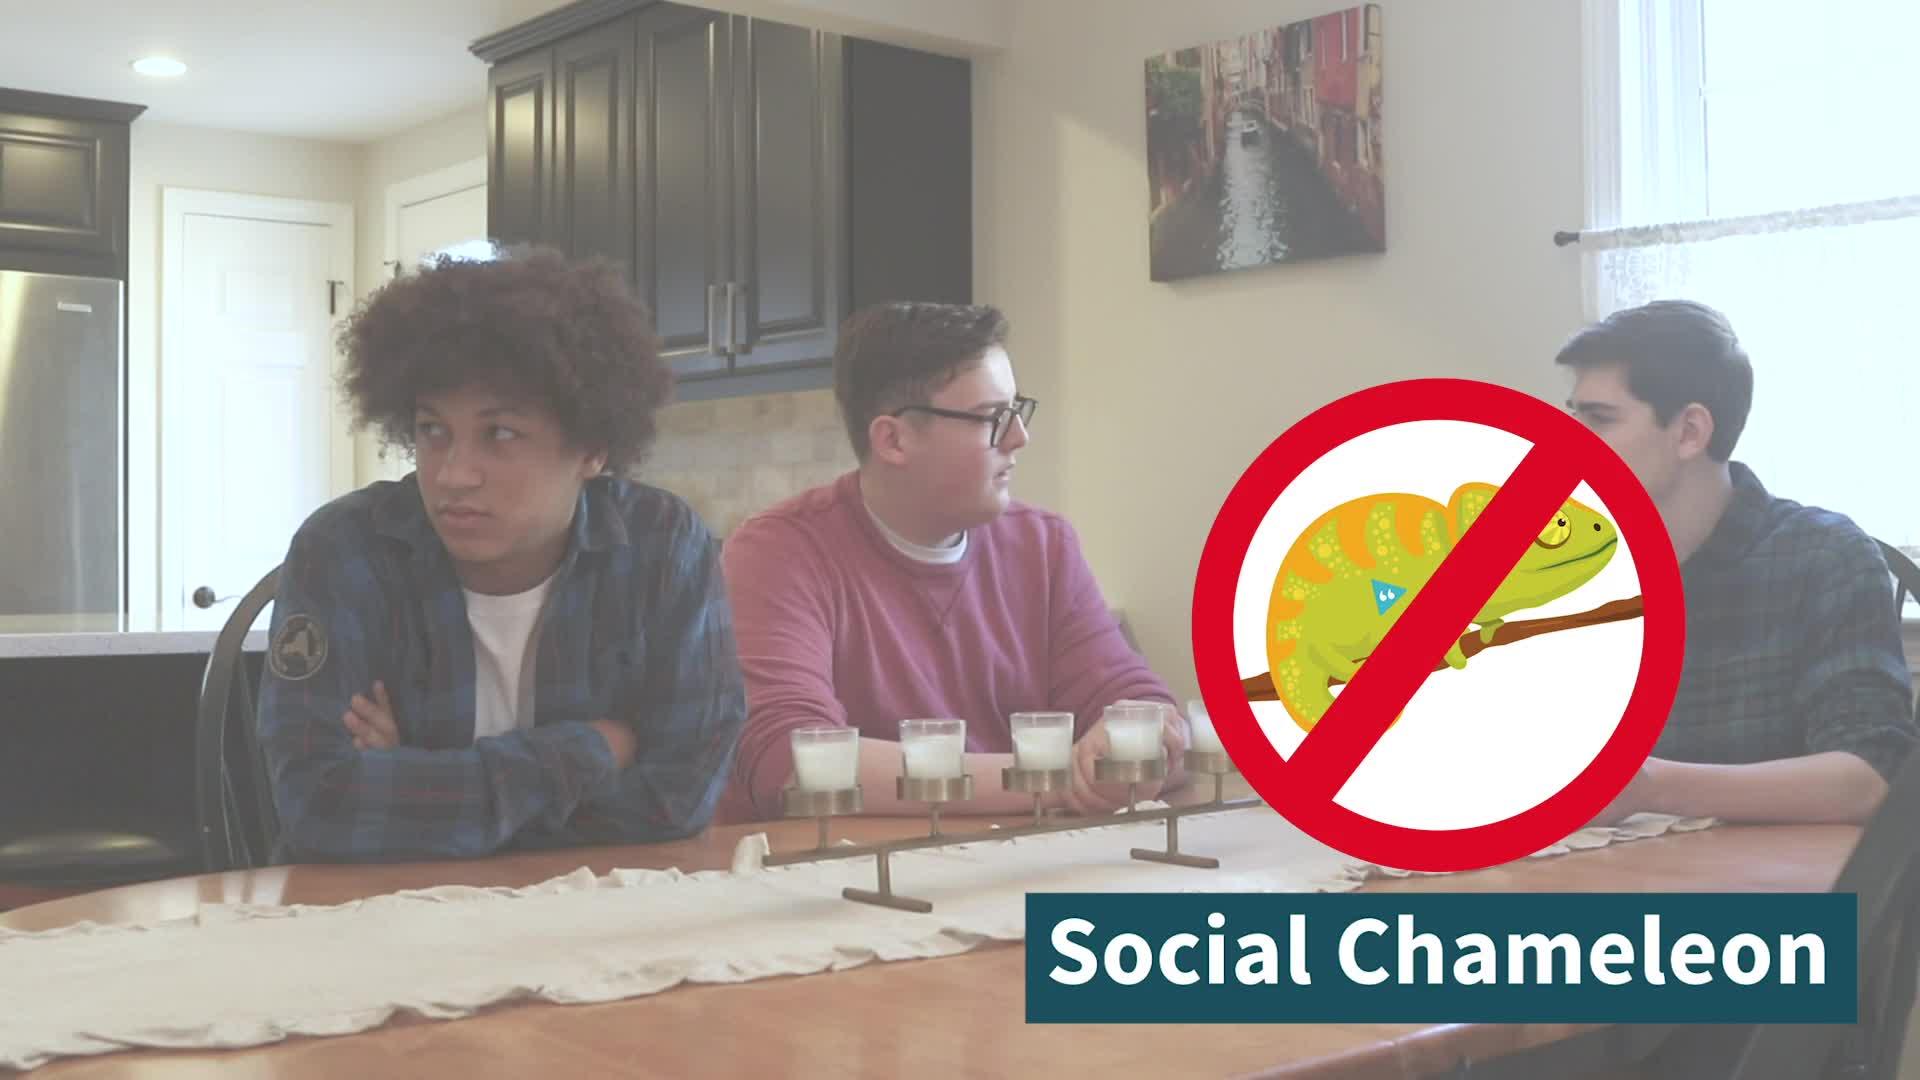 Social Chameleon